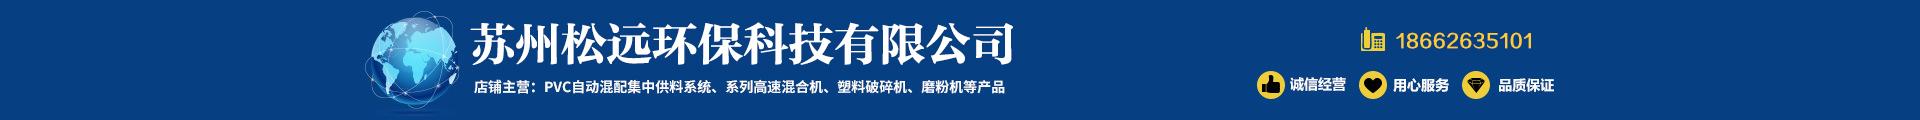 苏州松远环保科技有限公司